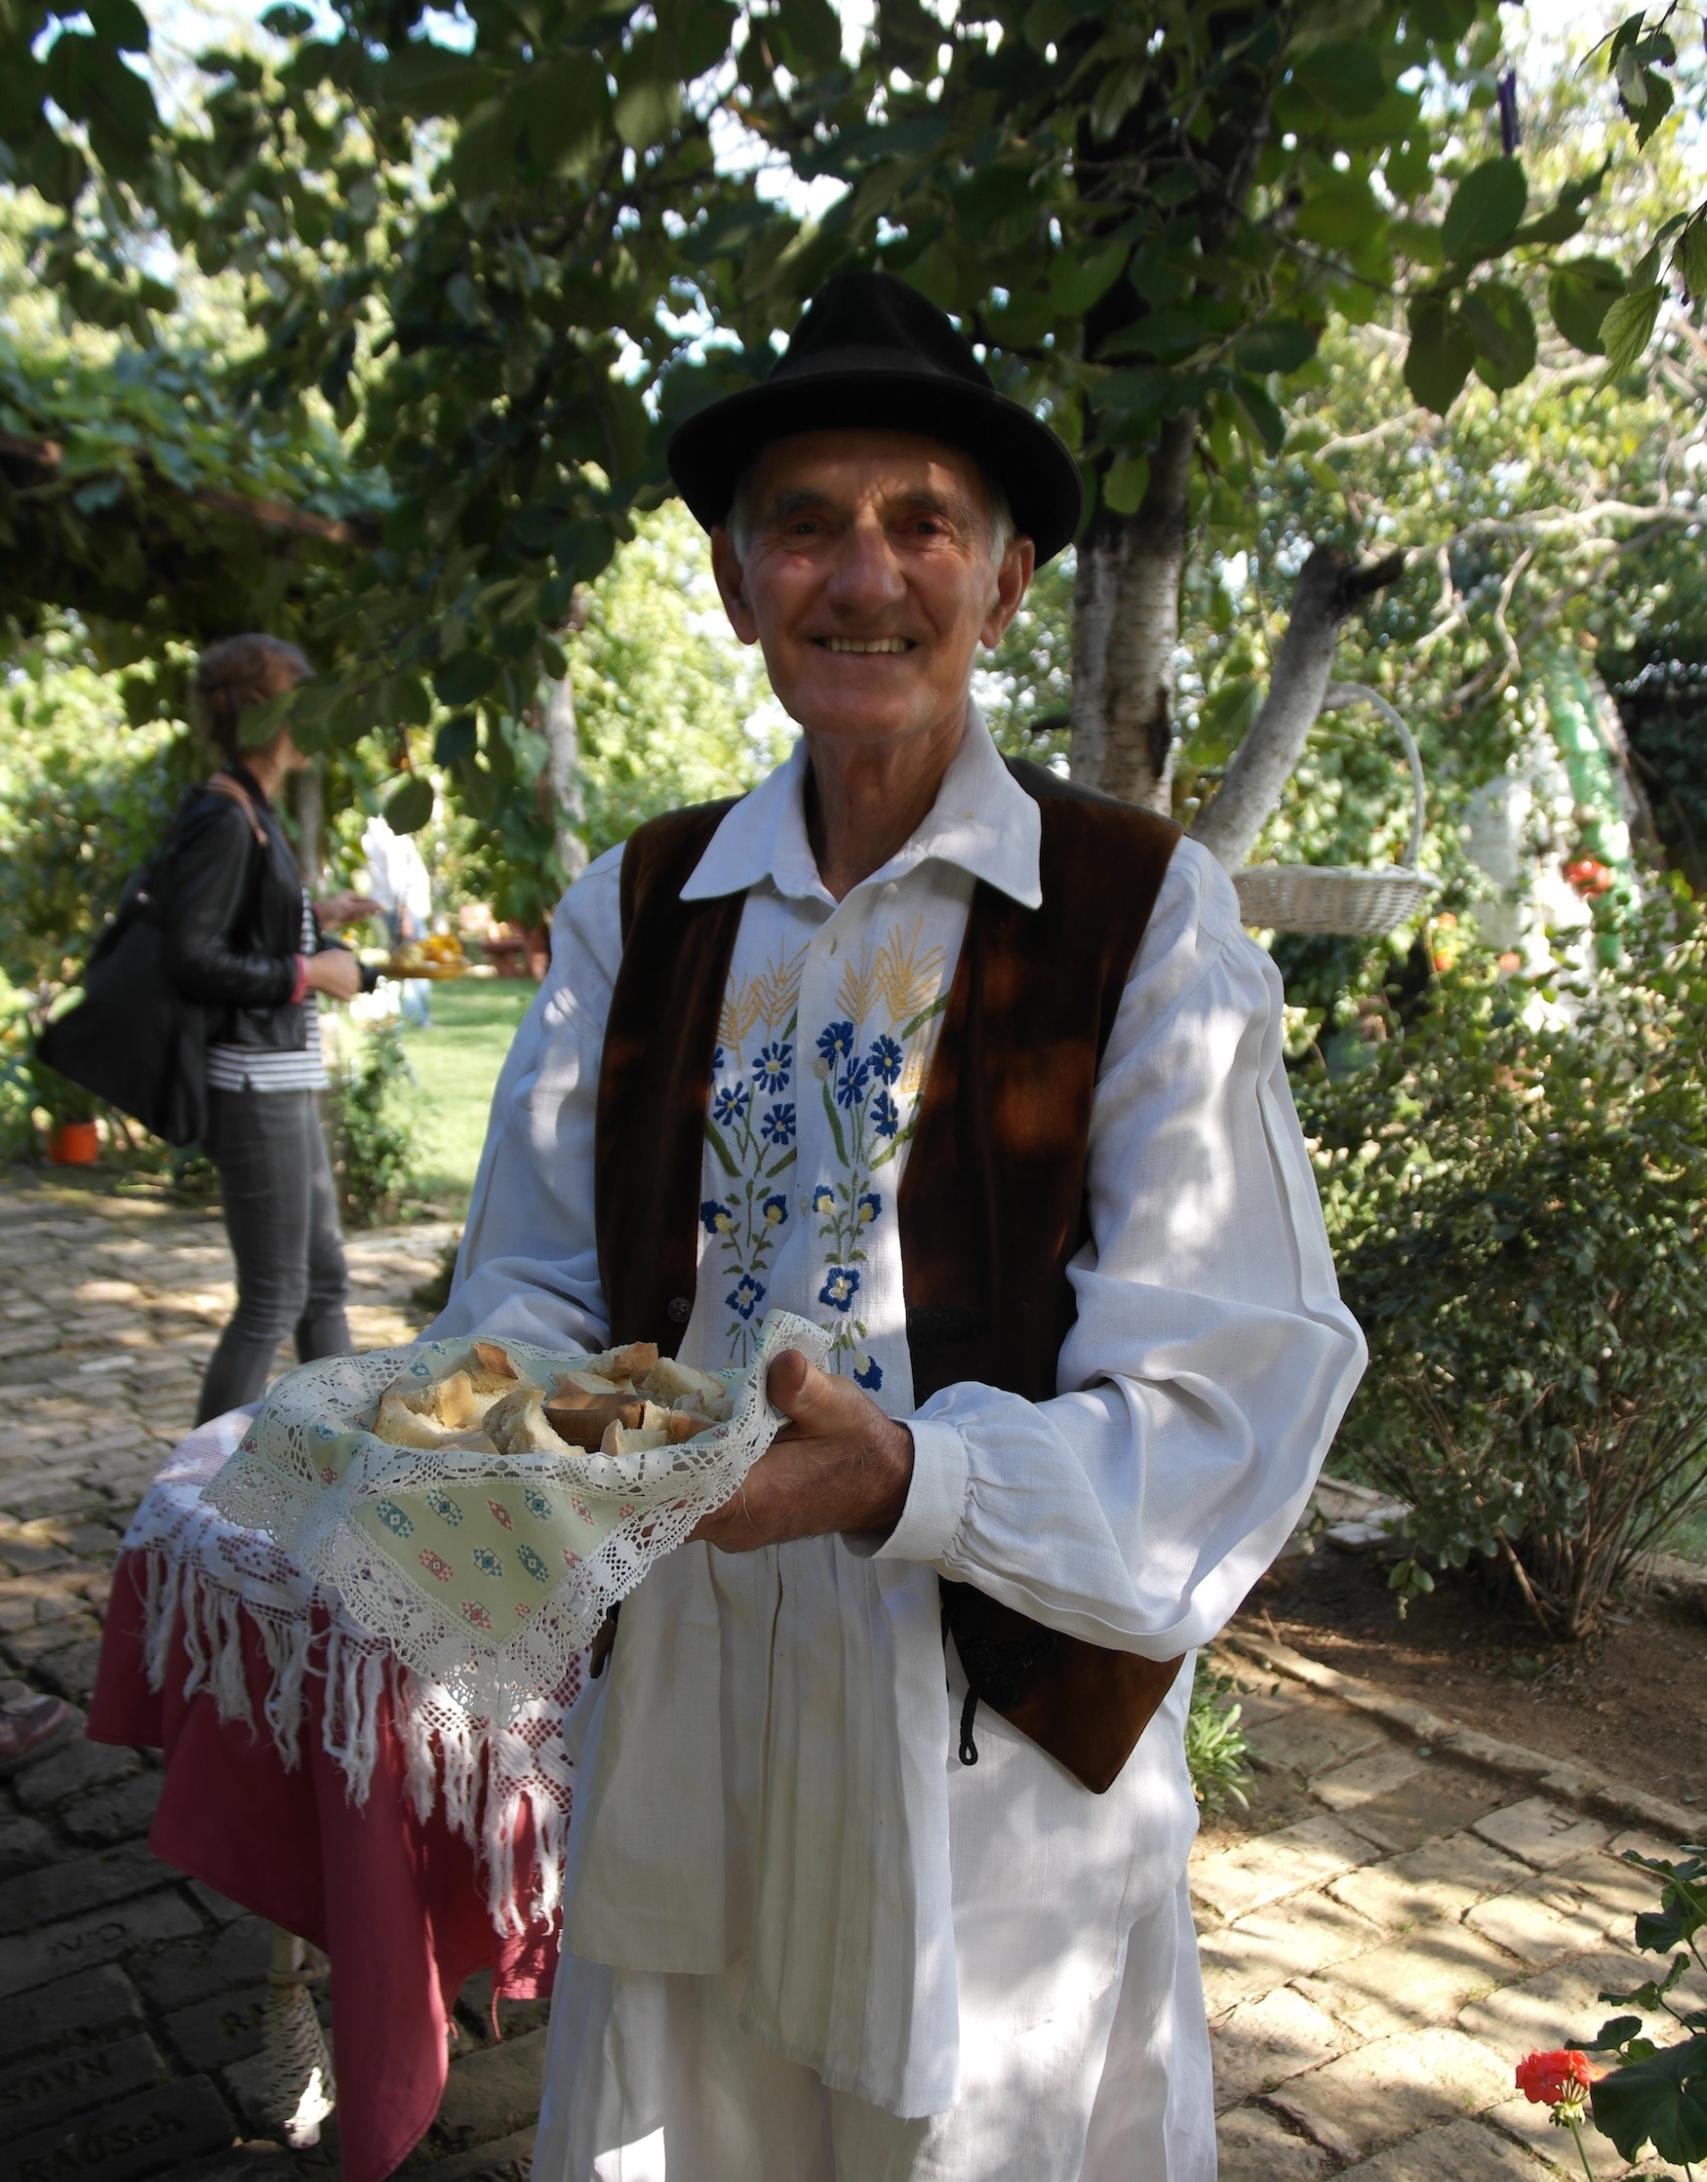 In Perkov Sales werden die Gäste mit traditionellen serbischen Spezialitäten begrüßt